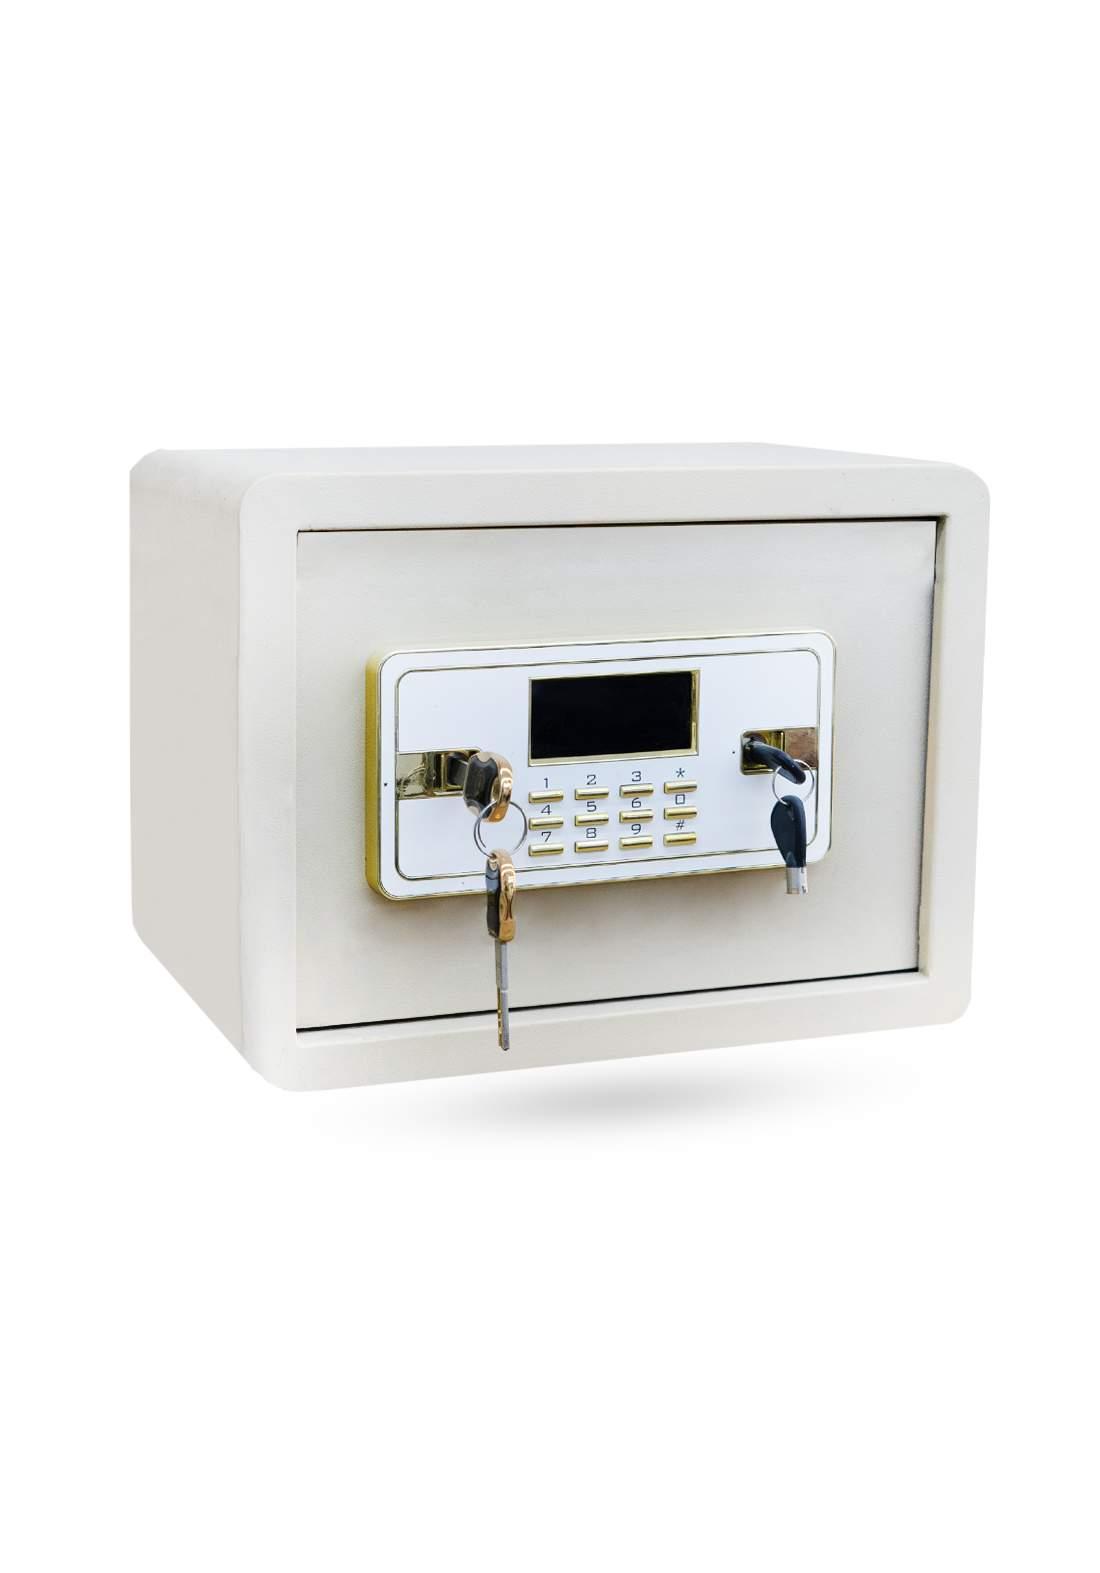 Money Safe Box خزنة معدنية (قاصة)